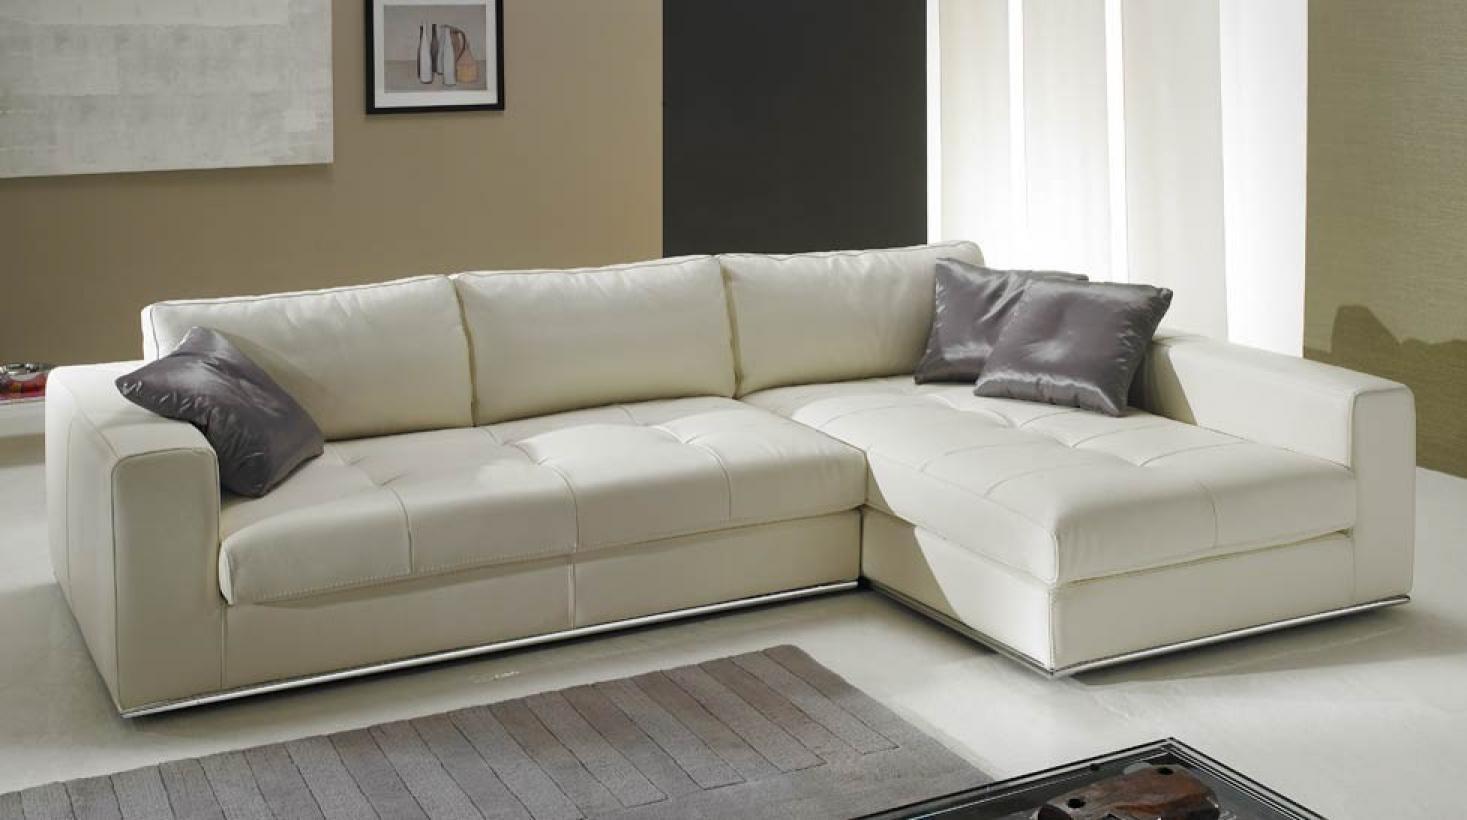 Canapé Moderne Cuir : Photos canapé moderne cuir